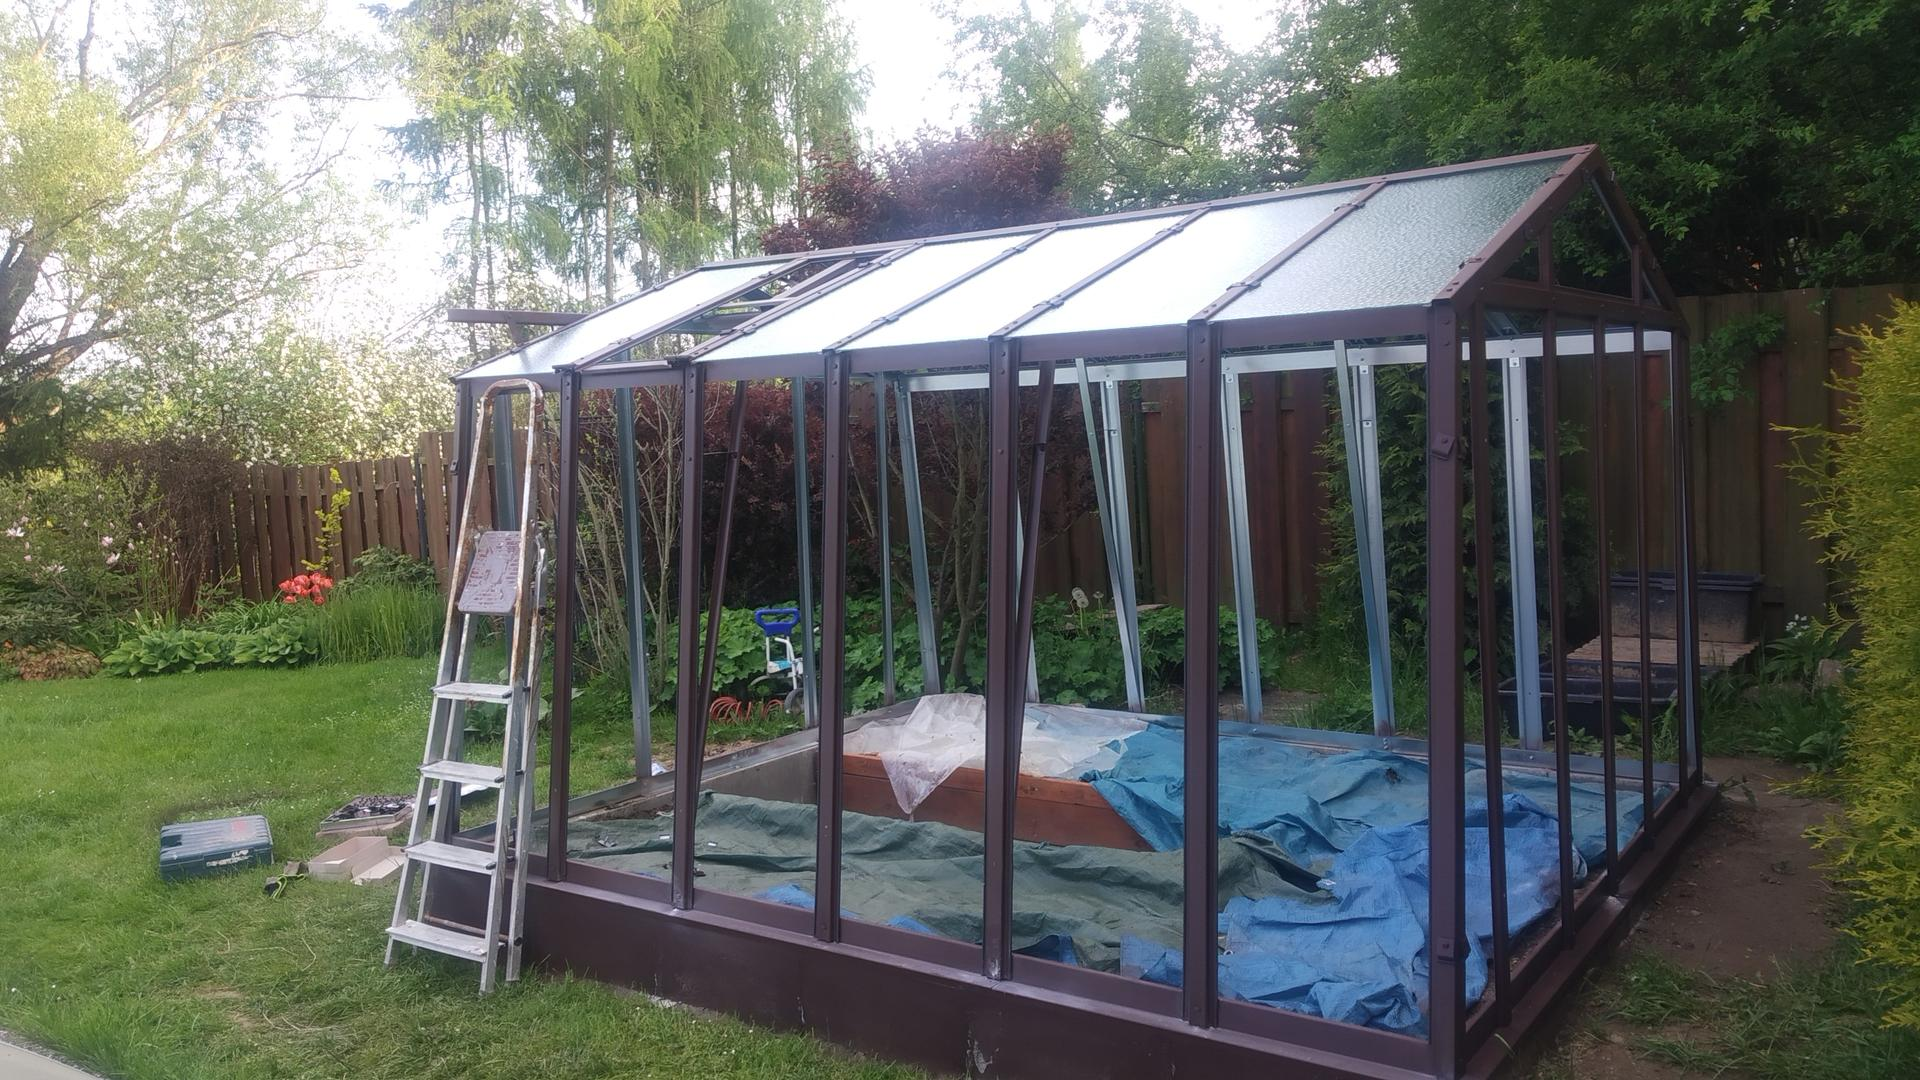 Zahrada 2021 a budování skleníku - Natřeno a dáváme skla.